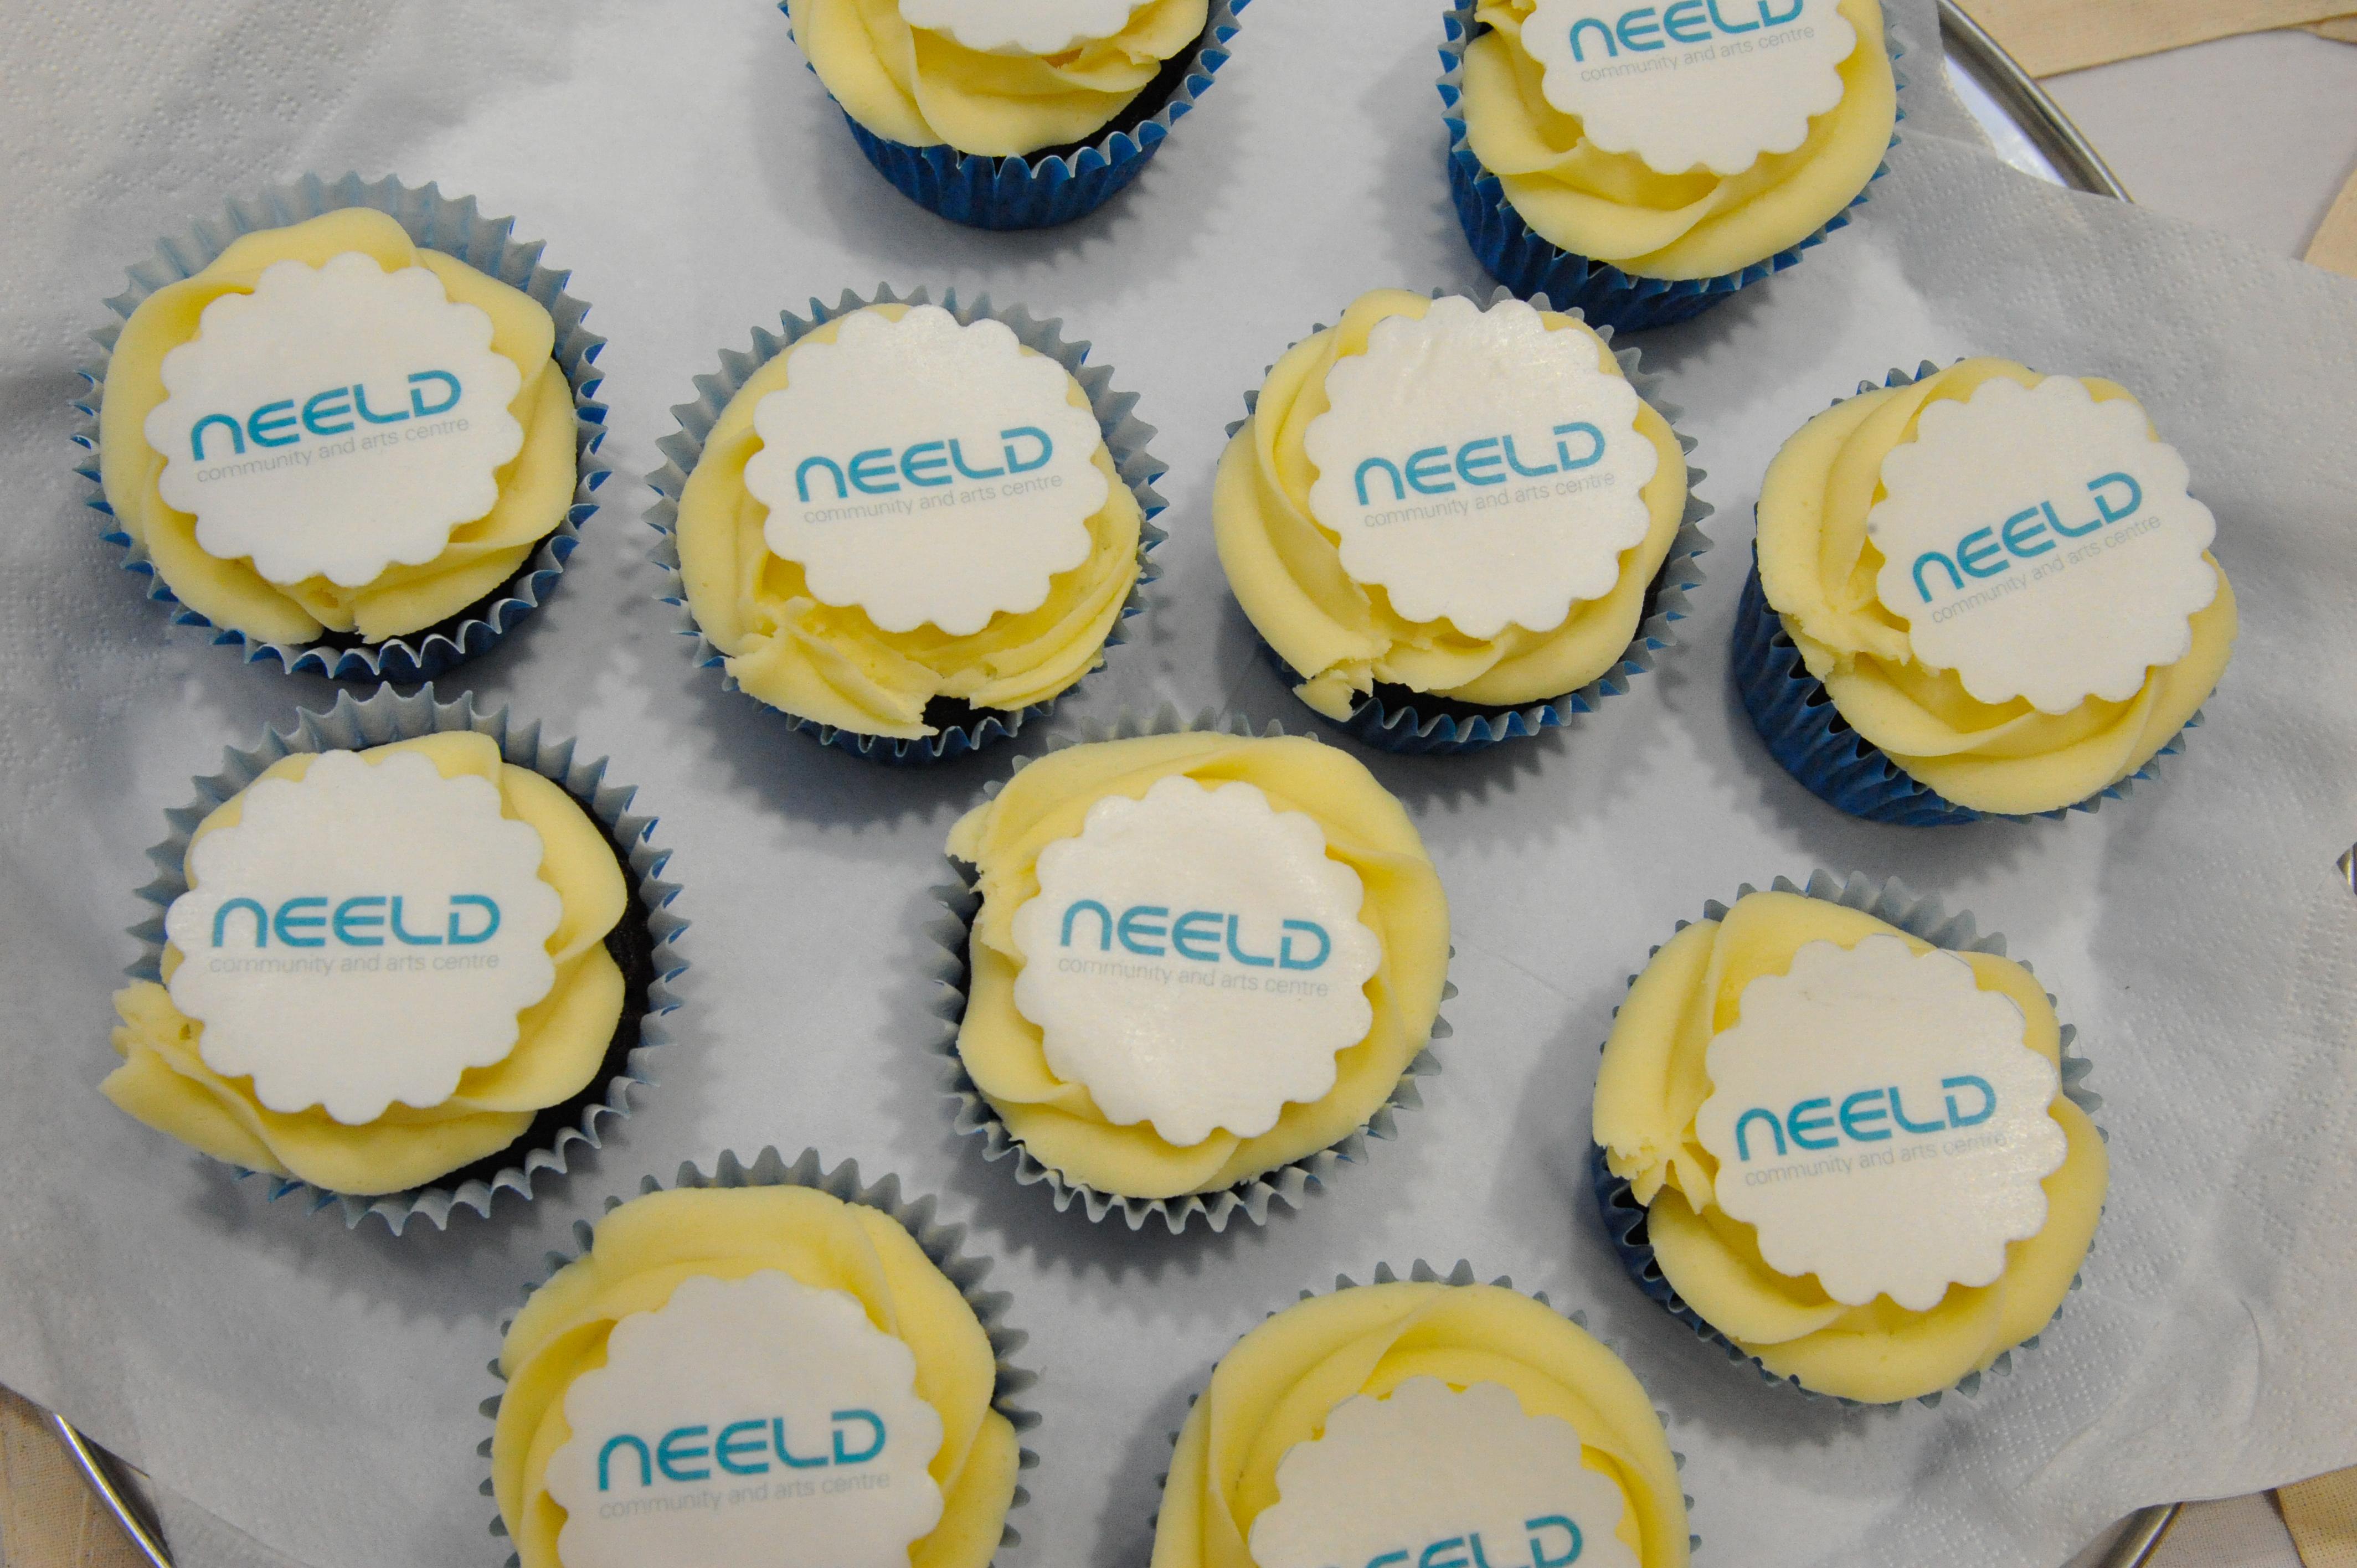 Happy 1st Birthday to the Neeld